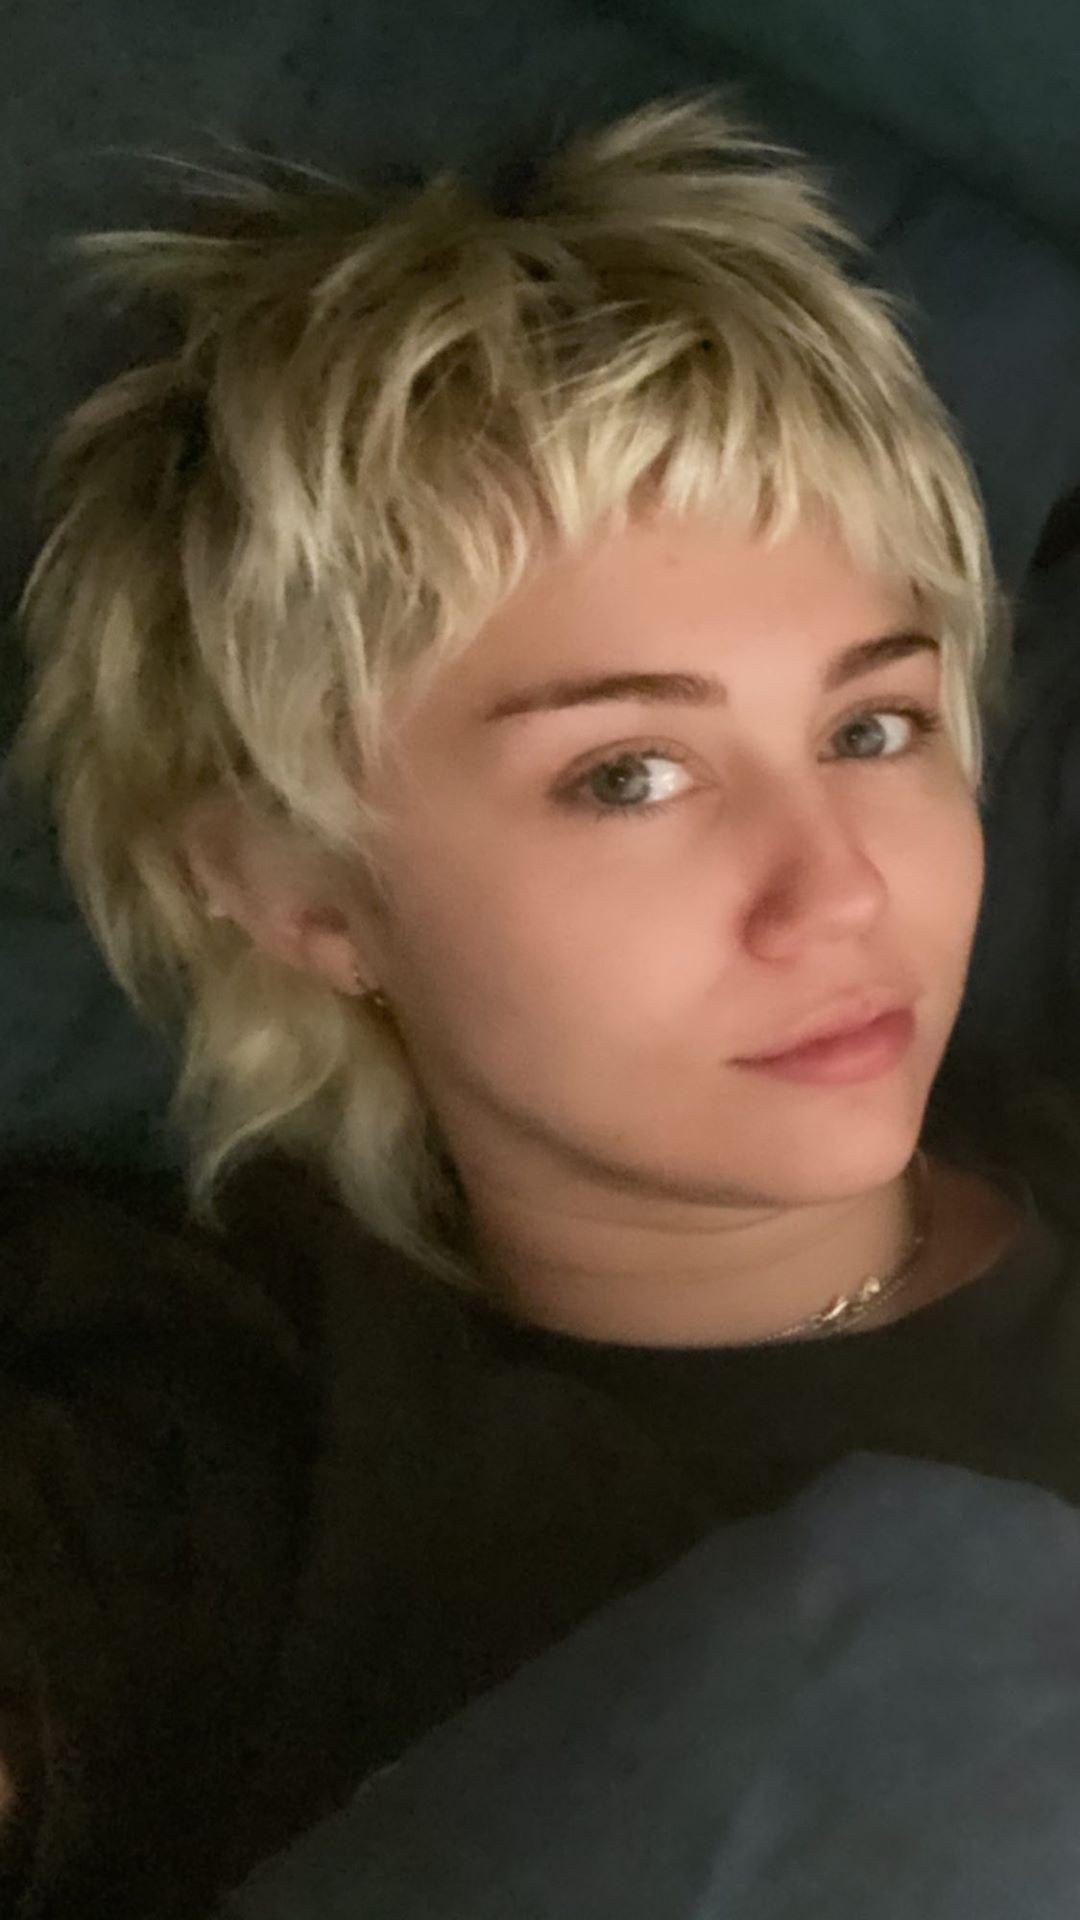 Cabeleireira garantiu que Miley curtiu o resultado